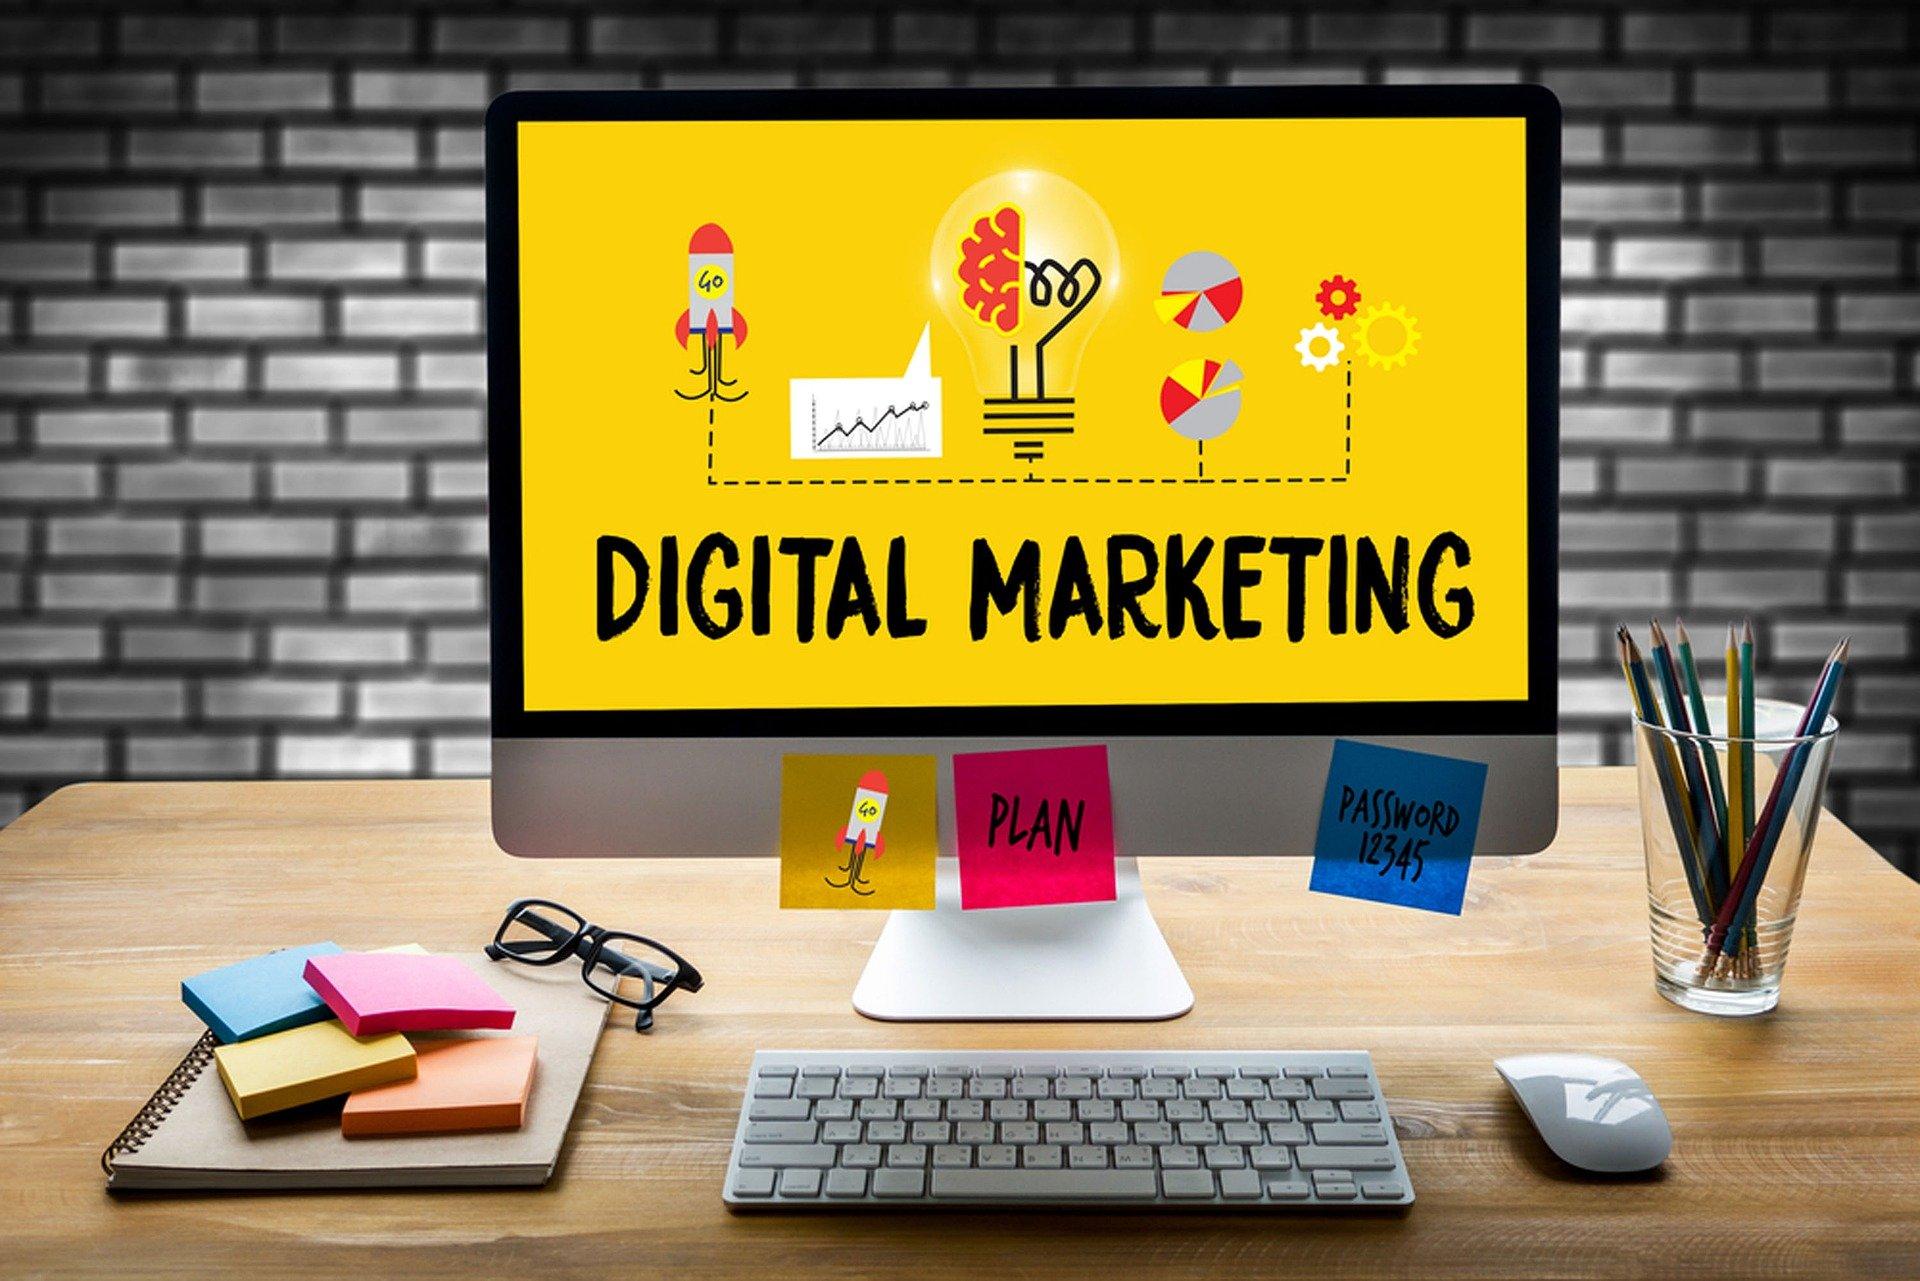 Le rôle de la plateforme de mise en relation avec des annonceurs dans la stratégie marketing digital